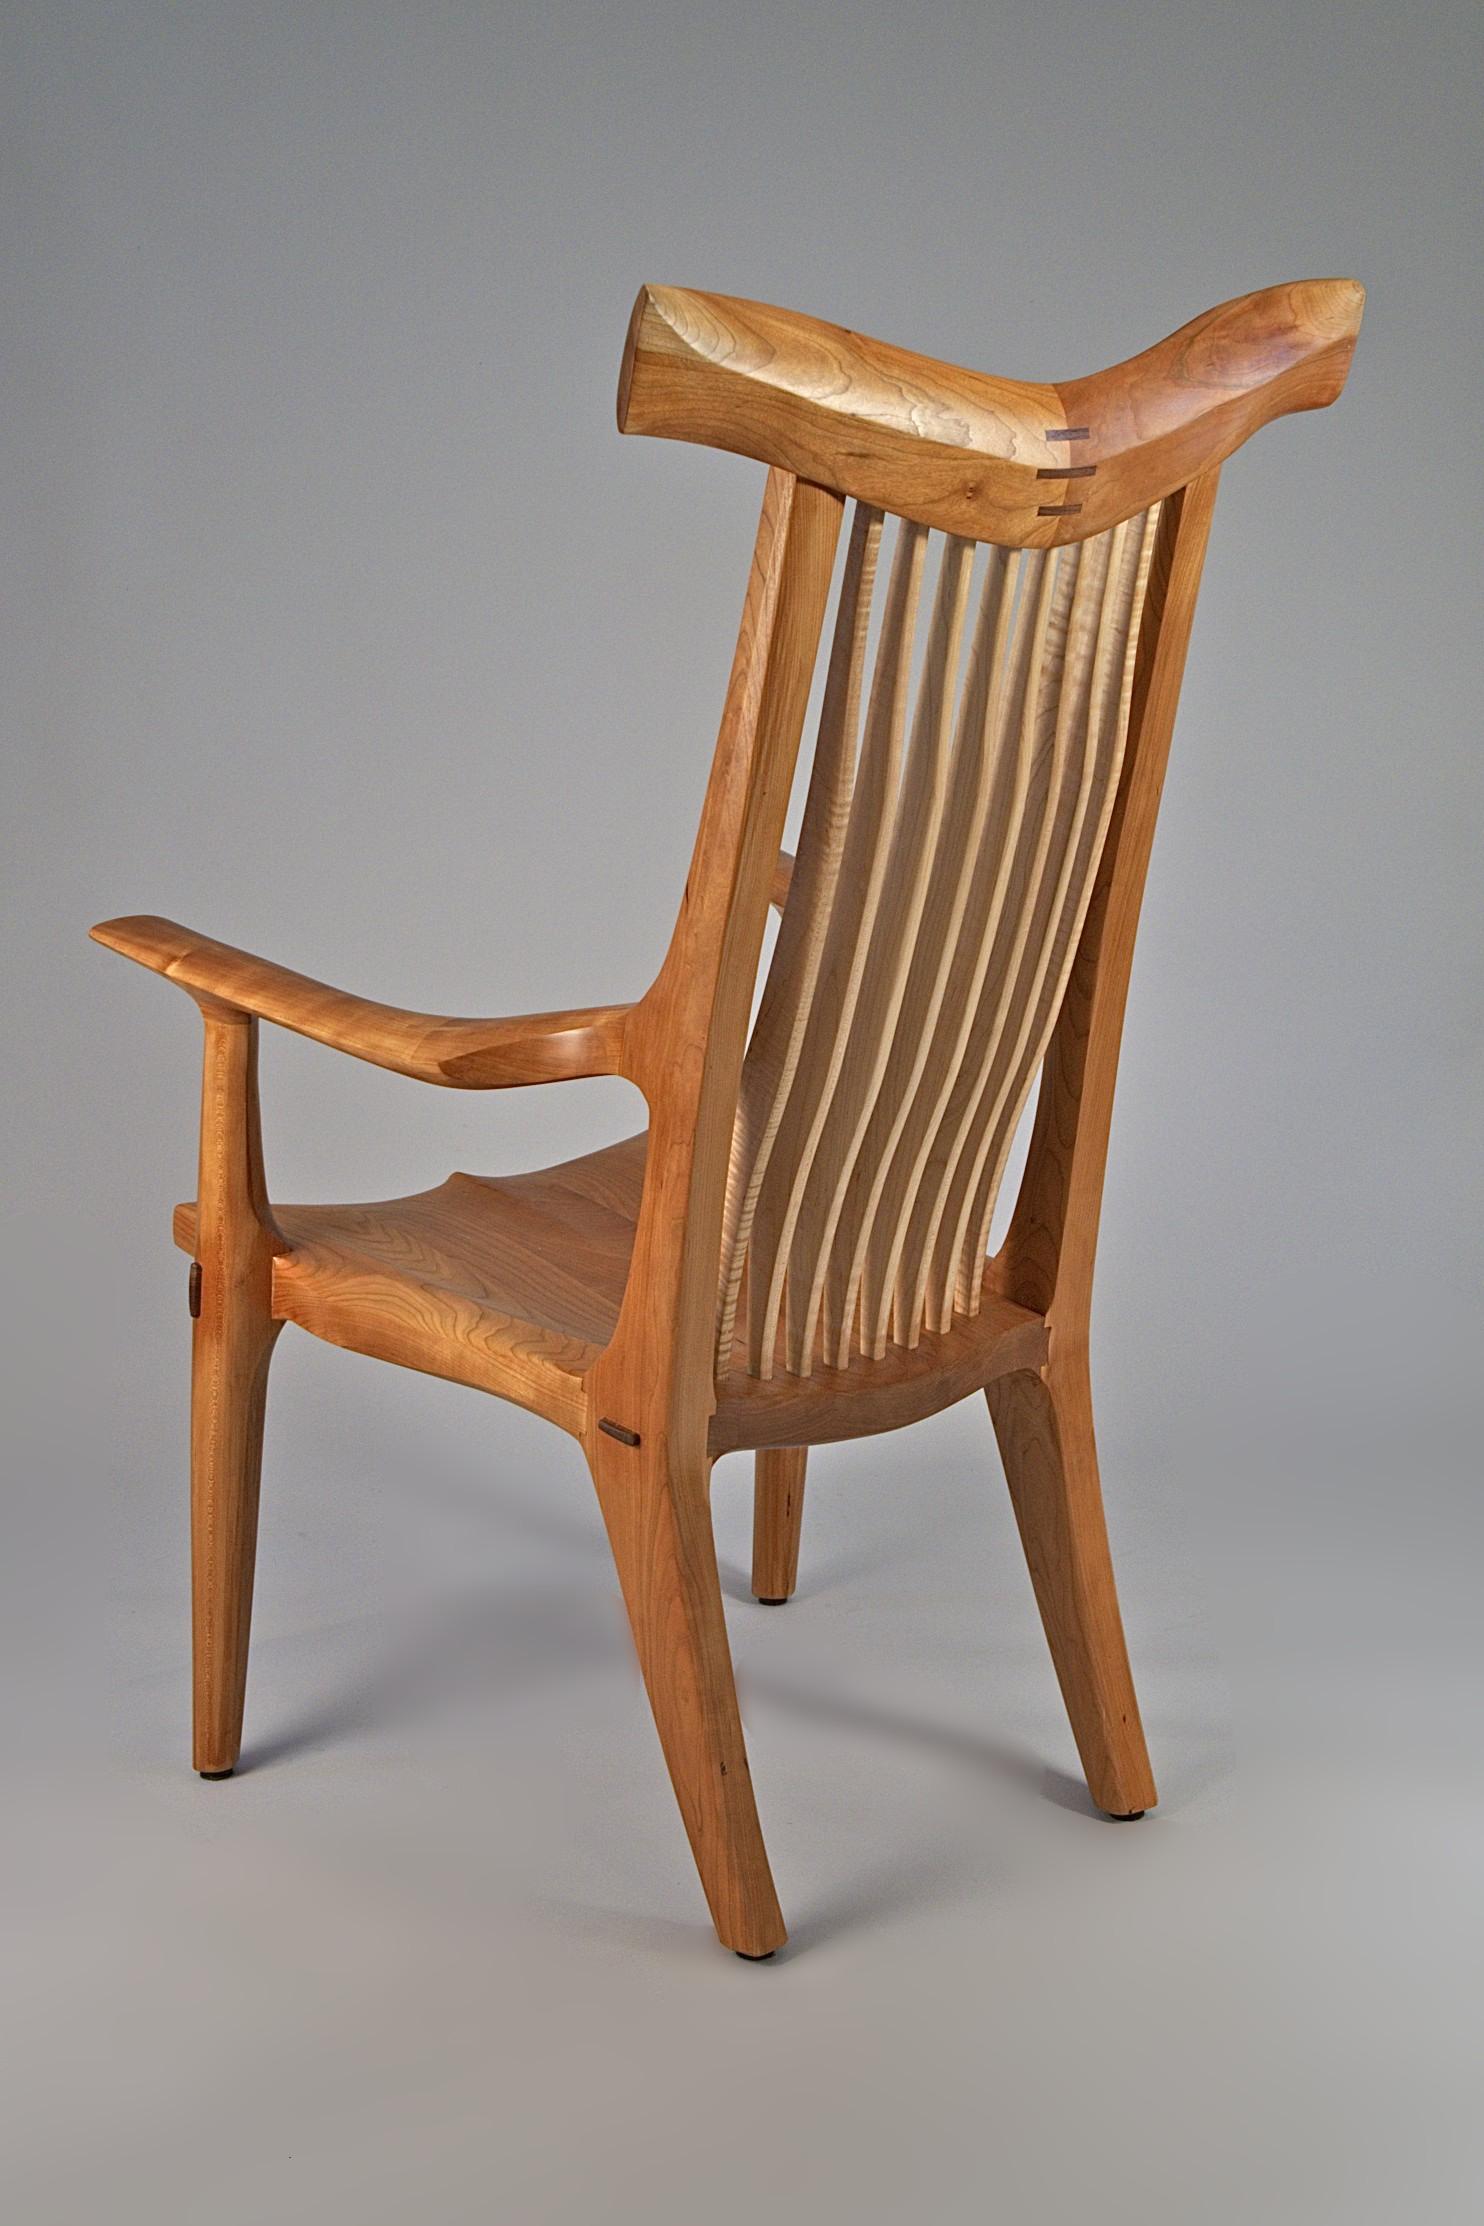 Prettyboy chair